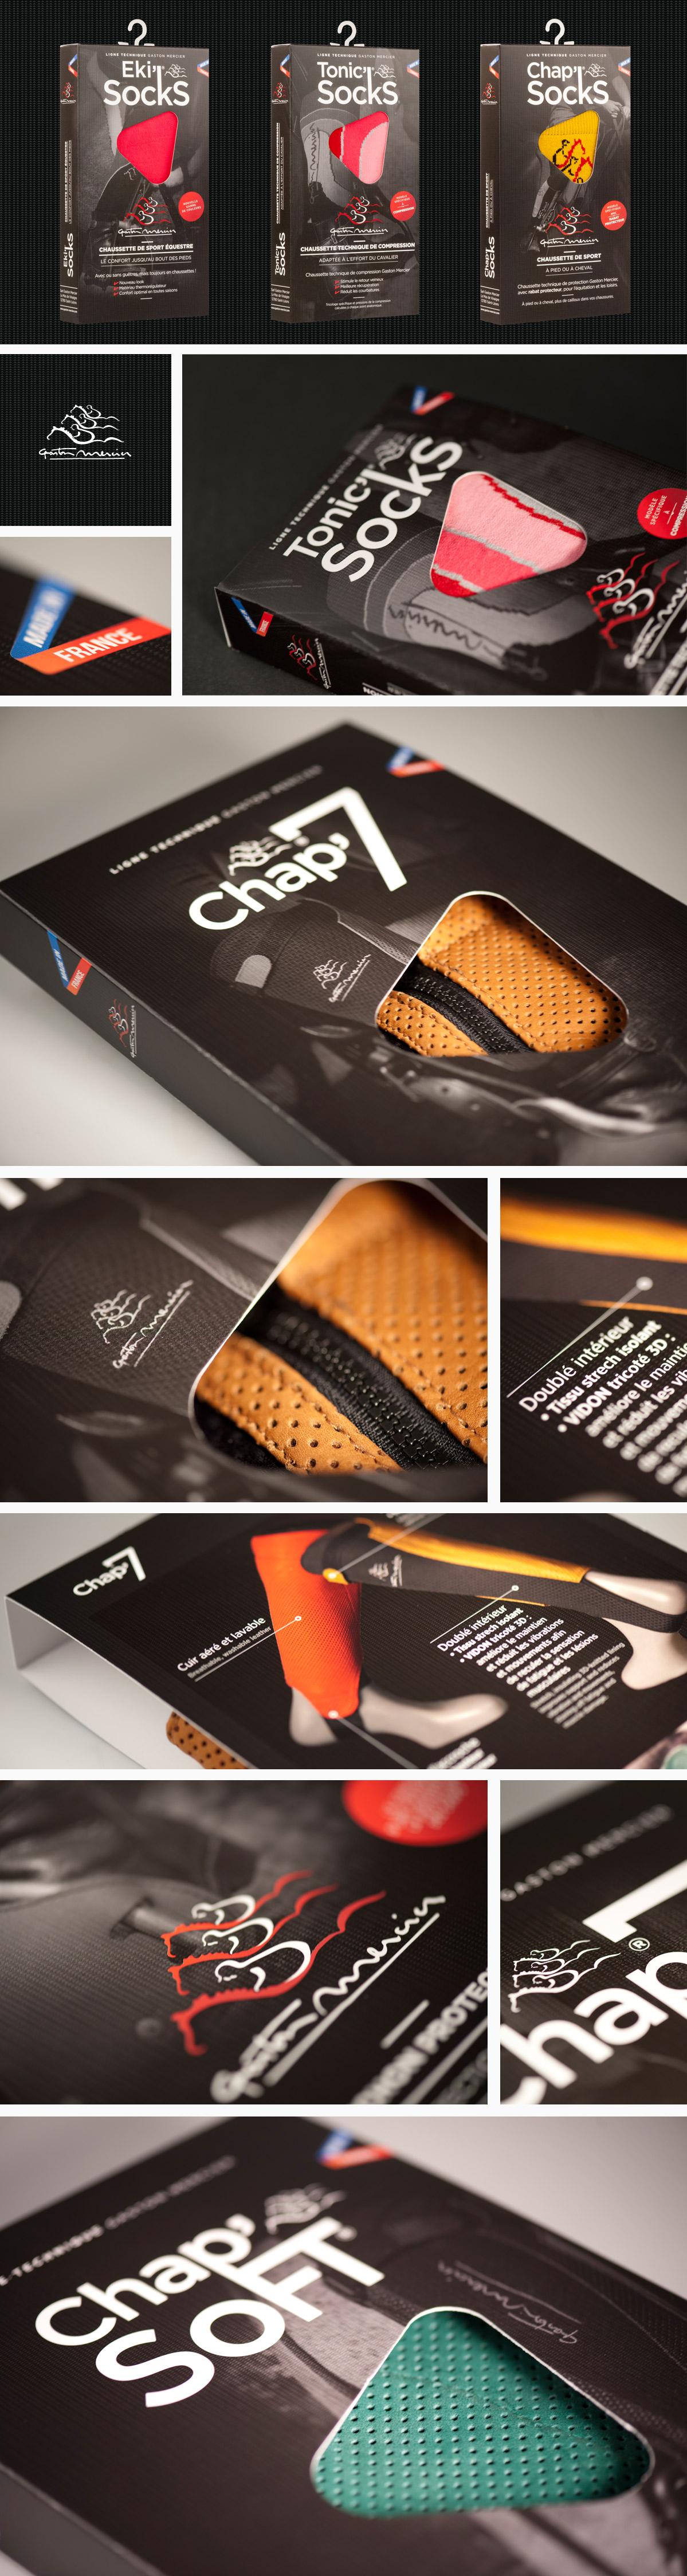 Conception graphique Packaging Gaston Mercier